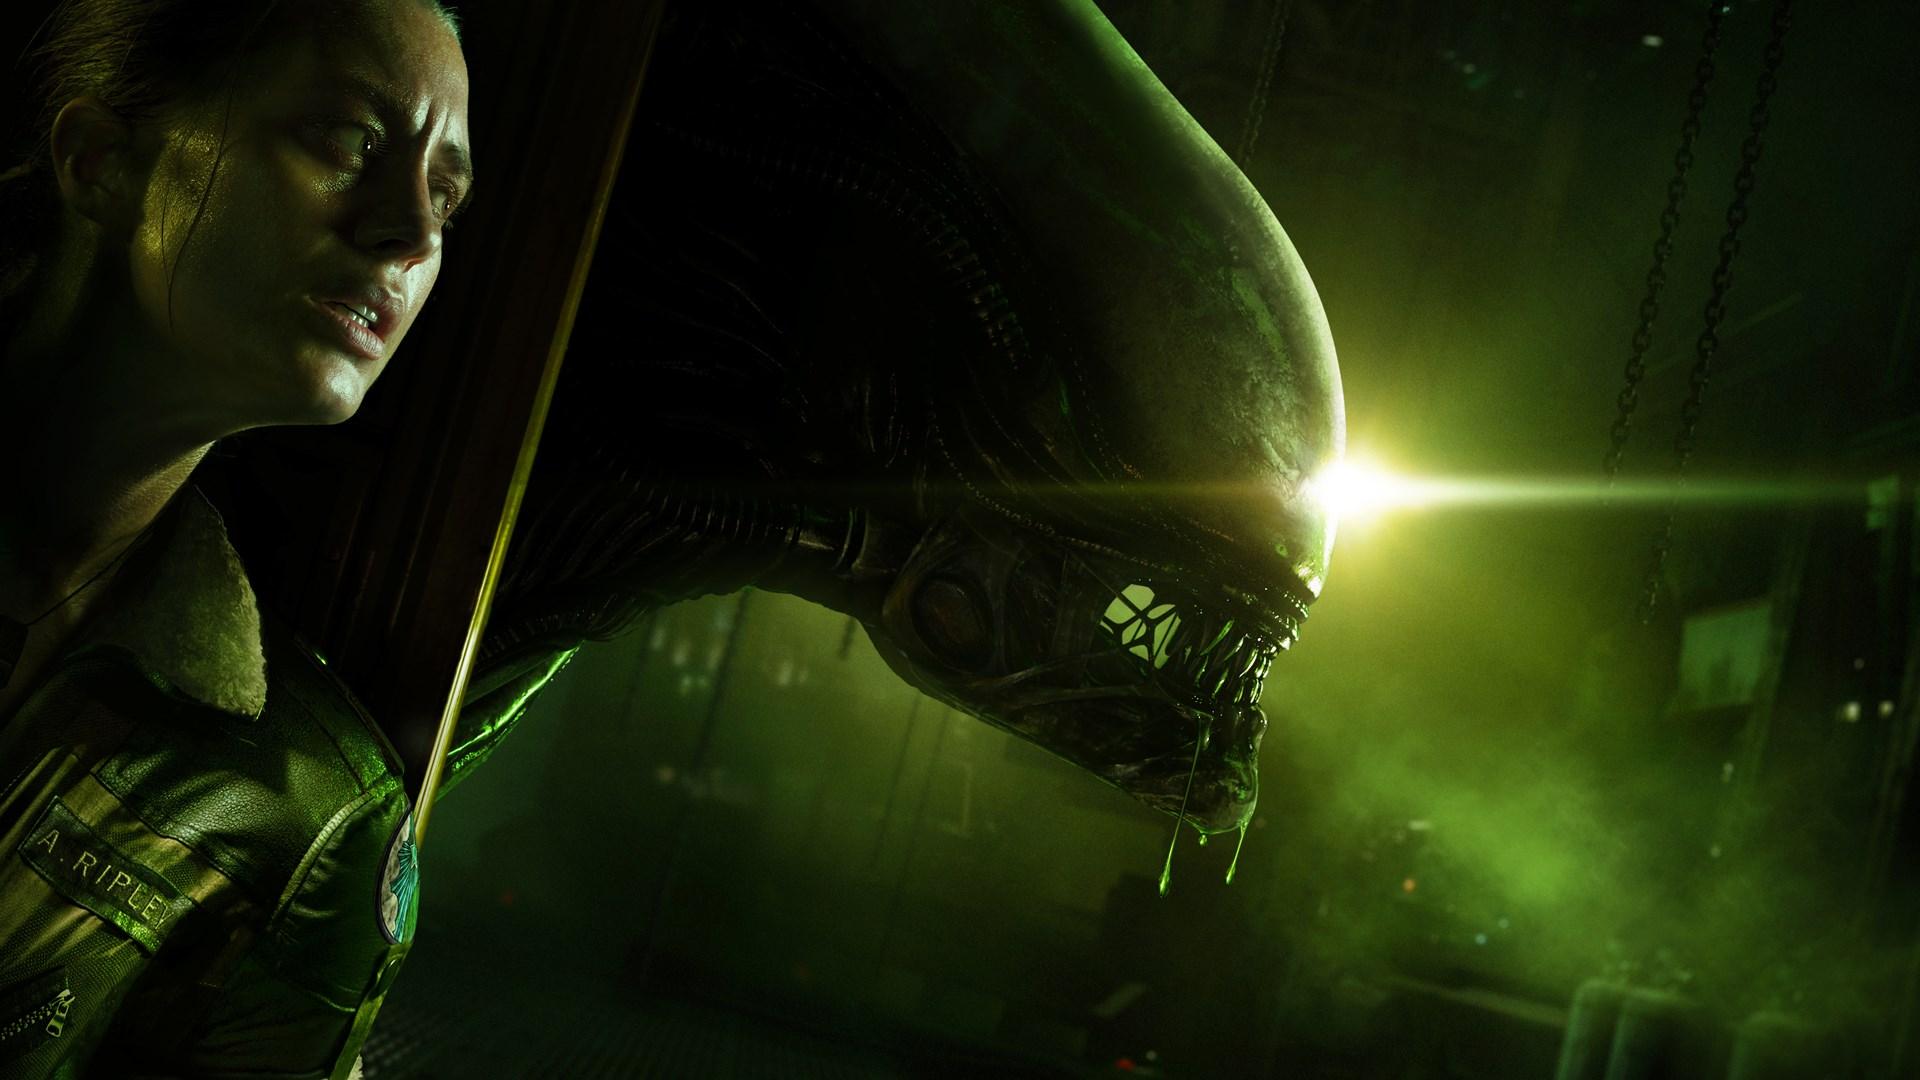 Aujourd'hui, Alien Isolation est offert gratuitement sur l'Epic Games Store